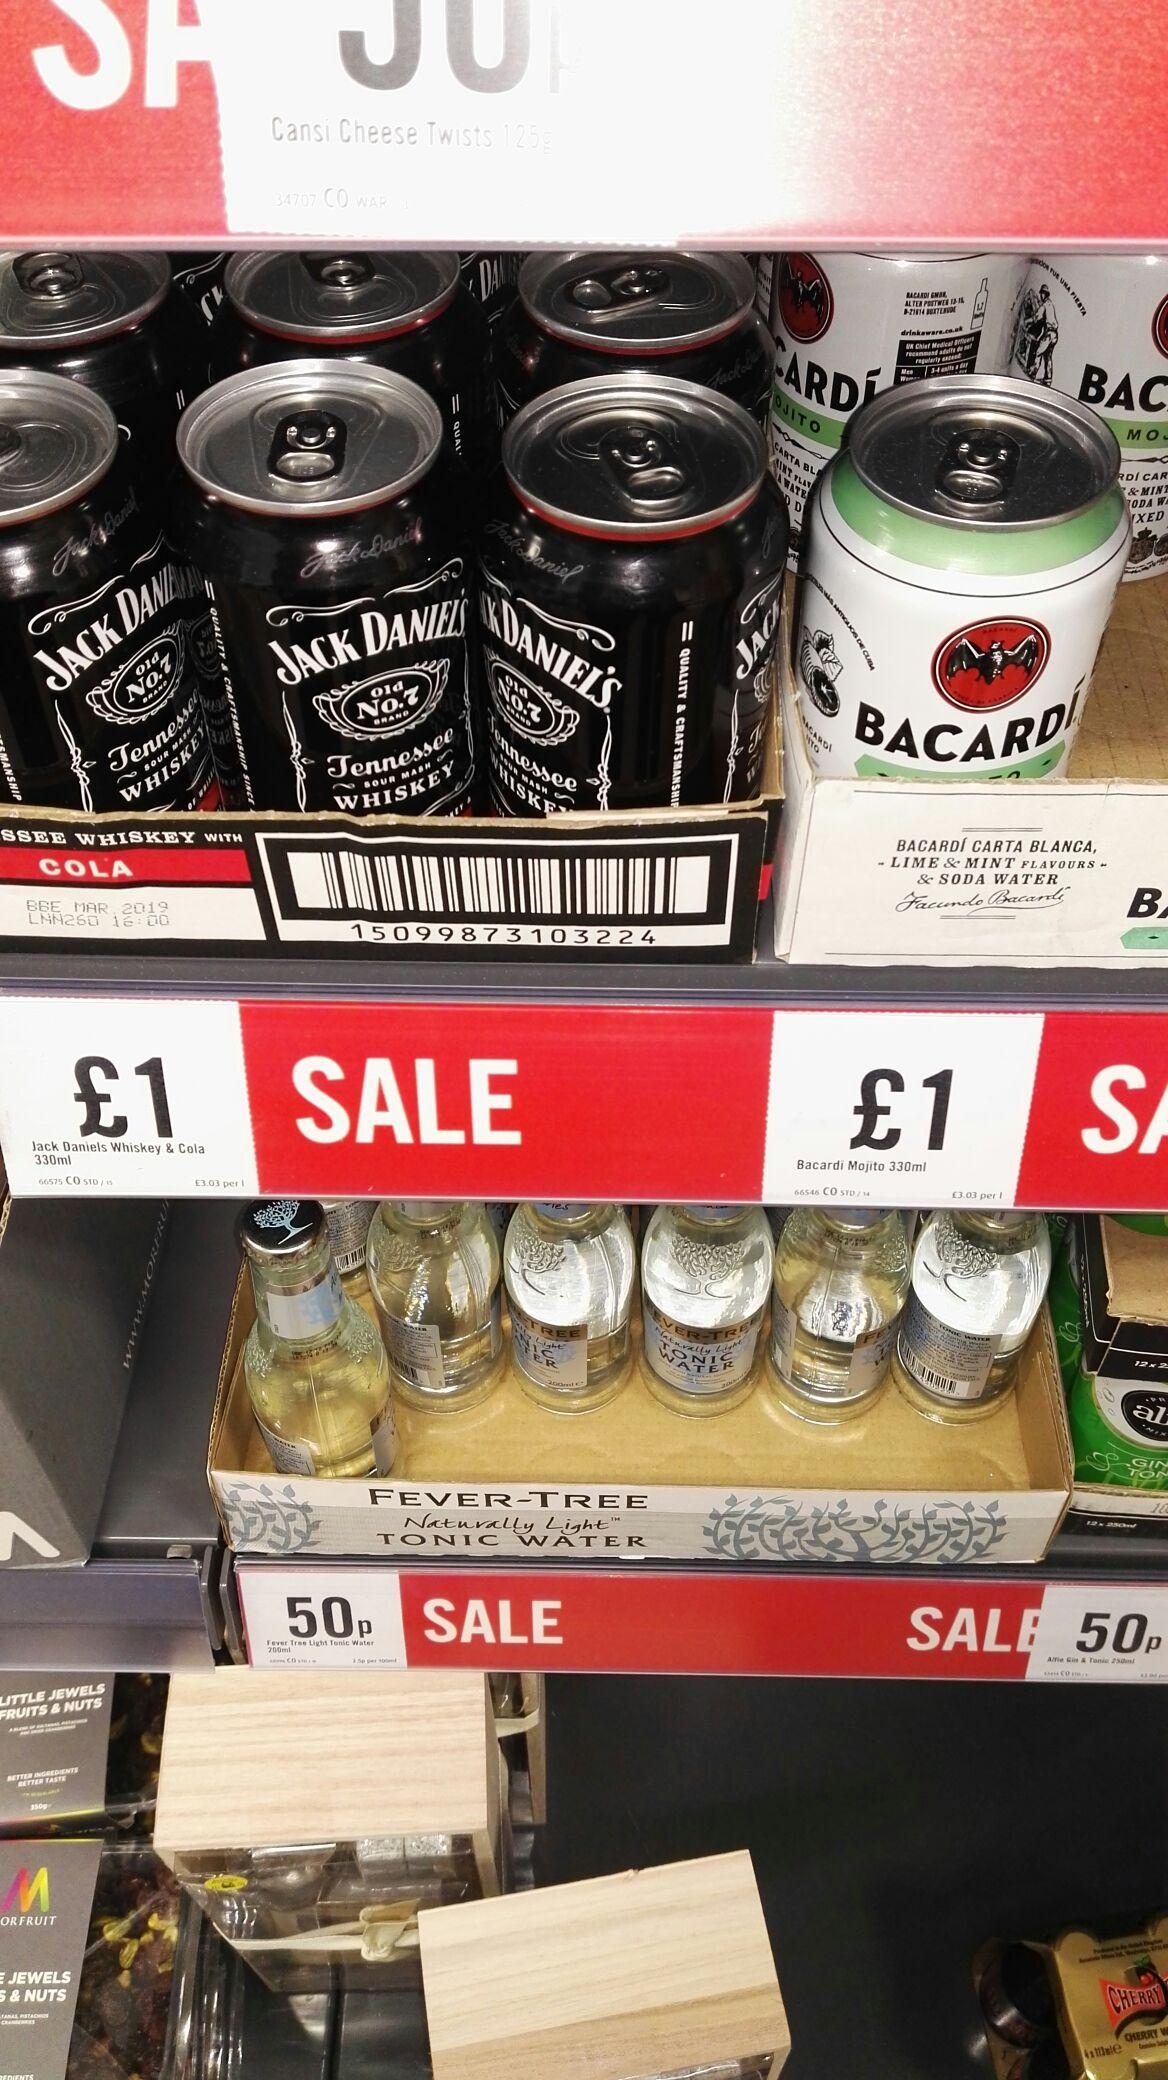 JD & Coke 330ml - £1, Bacardi - £1 & Tonic water - 50p - instore @ Iceland (Rochdale)